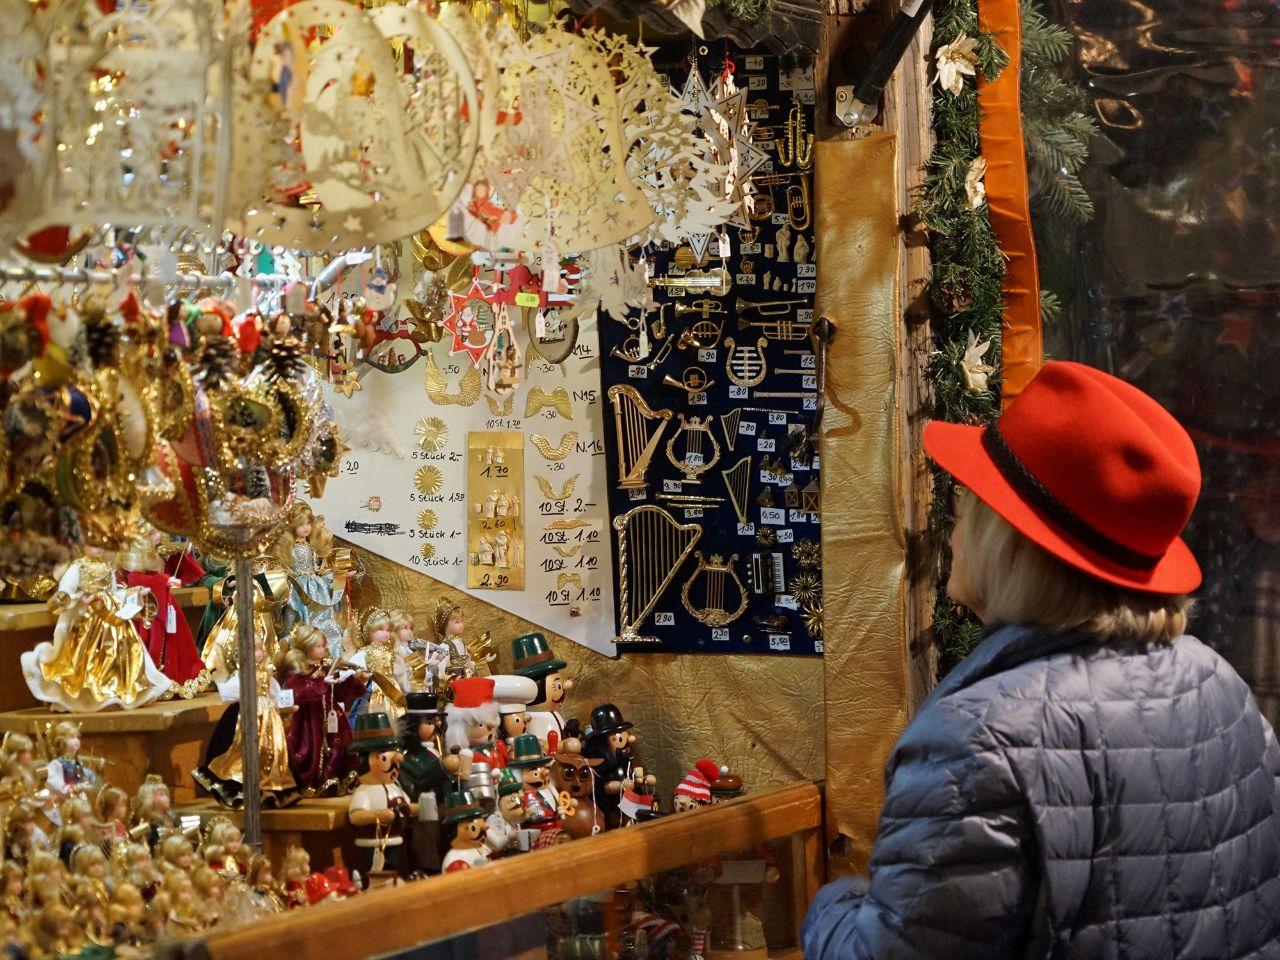 München Weihnachtsmarkt.Weihnachtsmärkte In München Das Offizielle Stadtportal Muenchen De